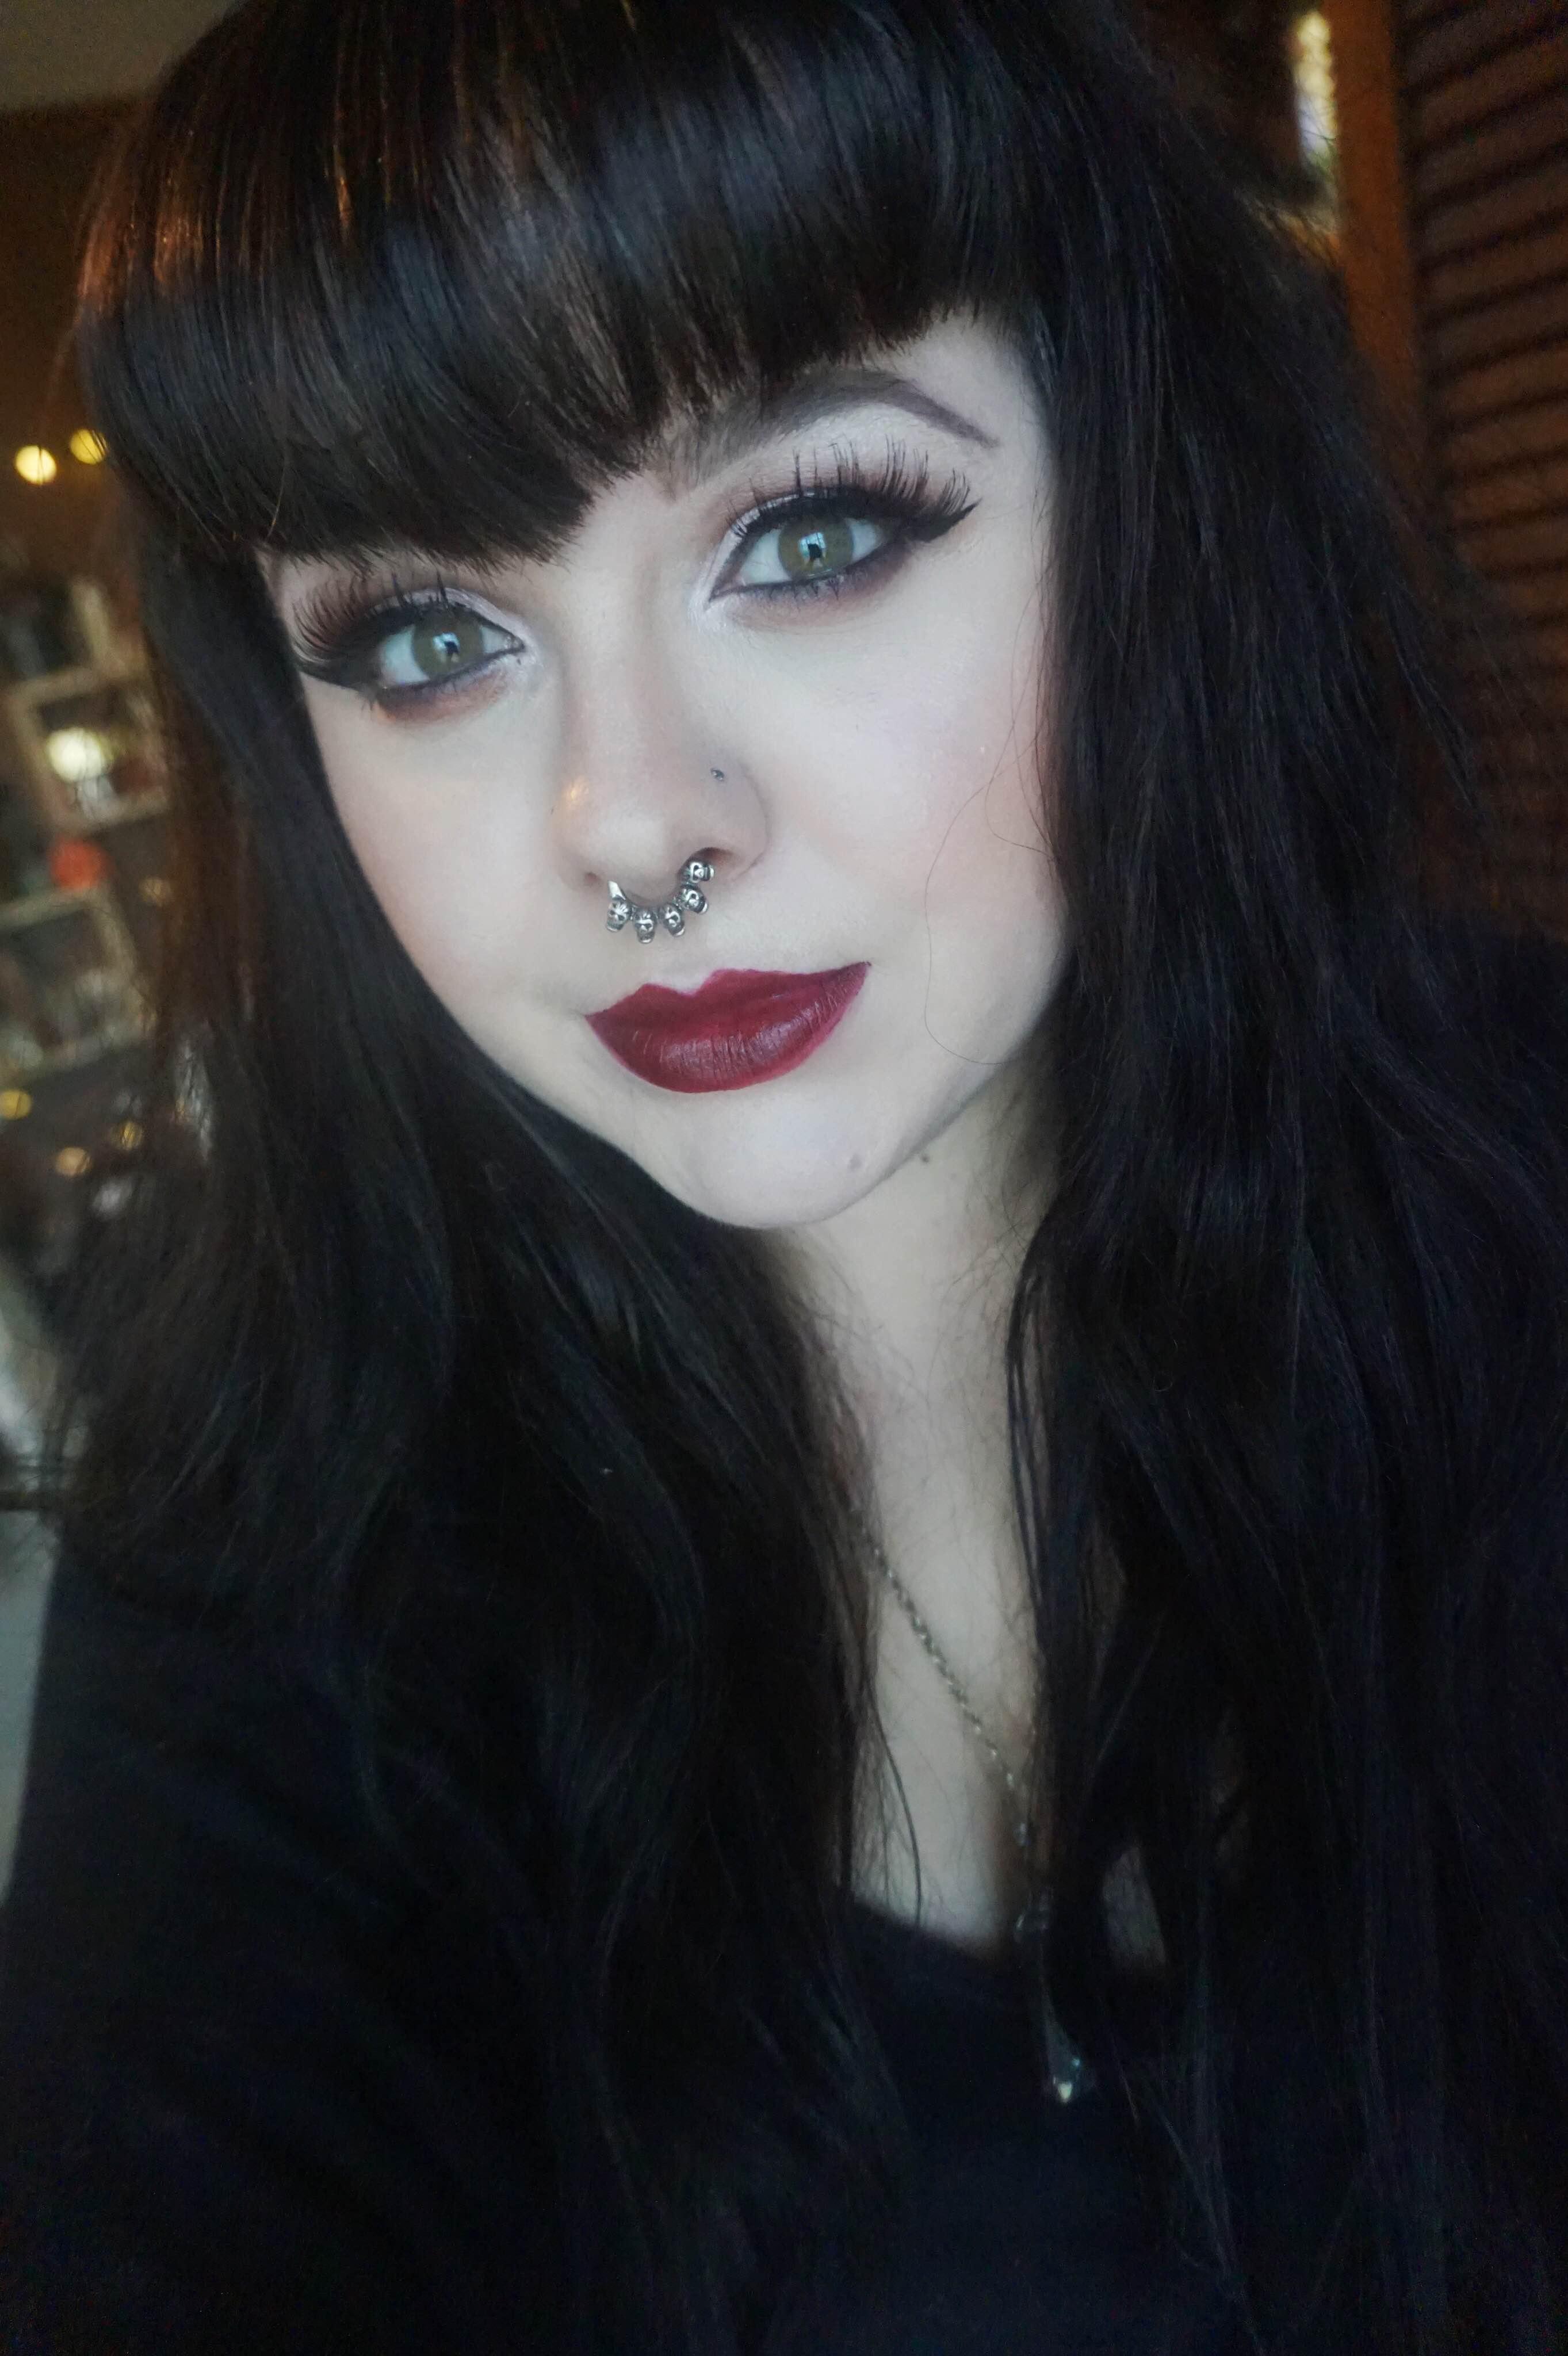 e3fa46769e5 Face of the Day: Too Face Vegas Nay Palette | Luna Faye Beauty